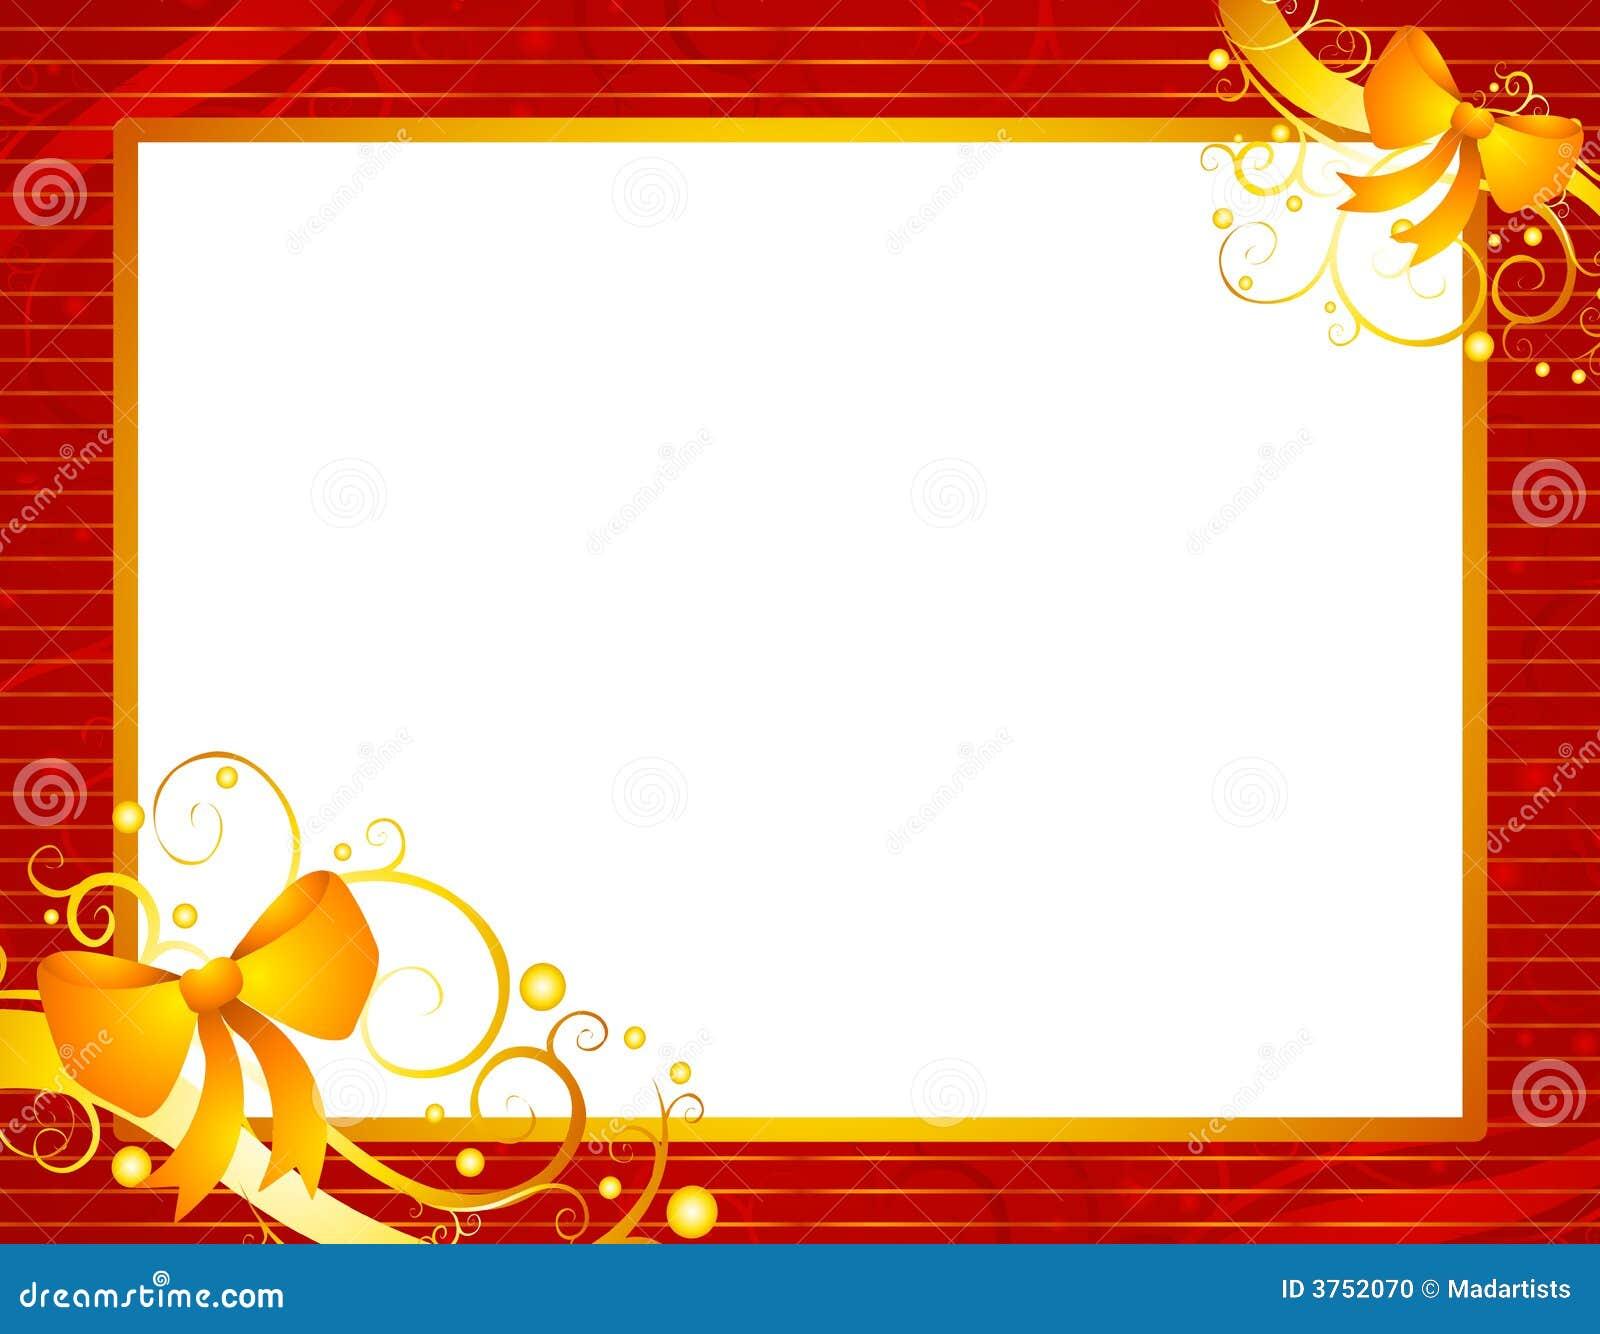 marco rojo de la navidad con oro stock de ilustraci243n